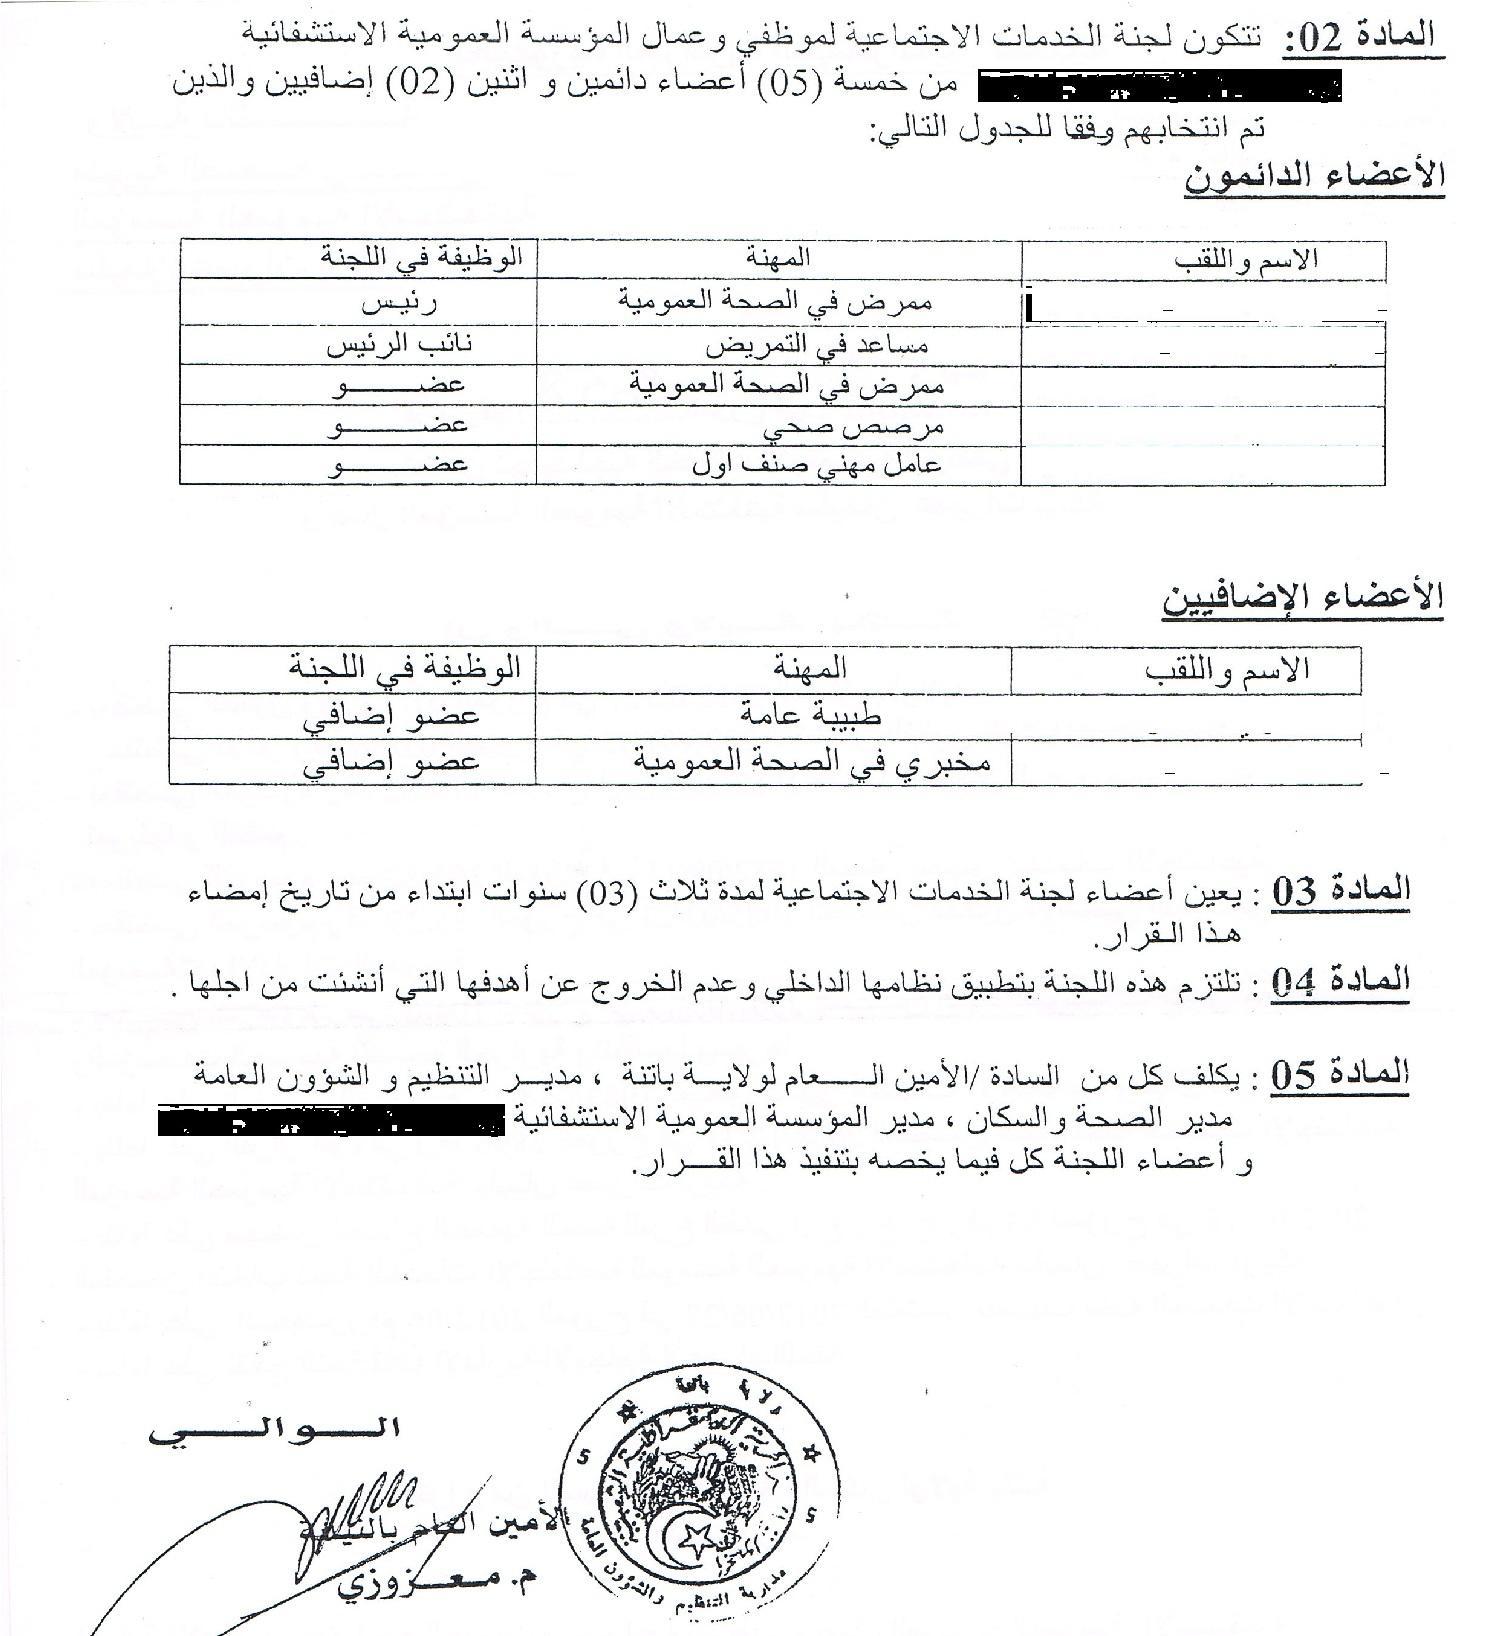 عمال الاسلاك المشتركة يمنعون من المشاركة في انتخابات الخدمات الاجتماعي 595253474